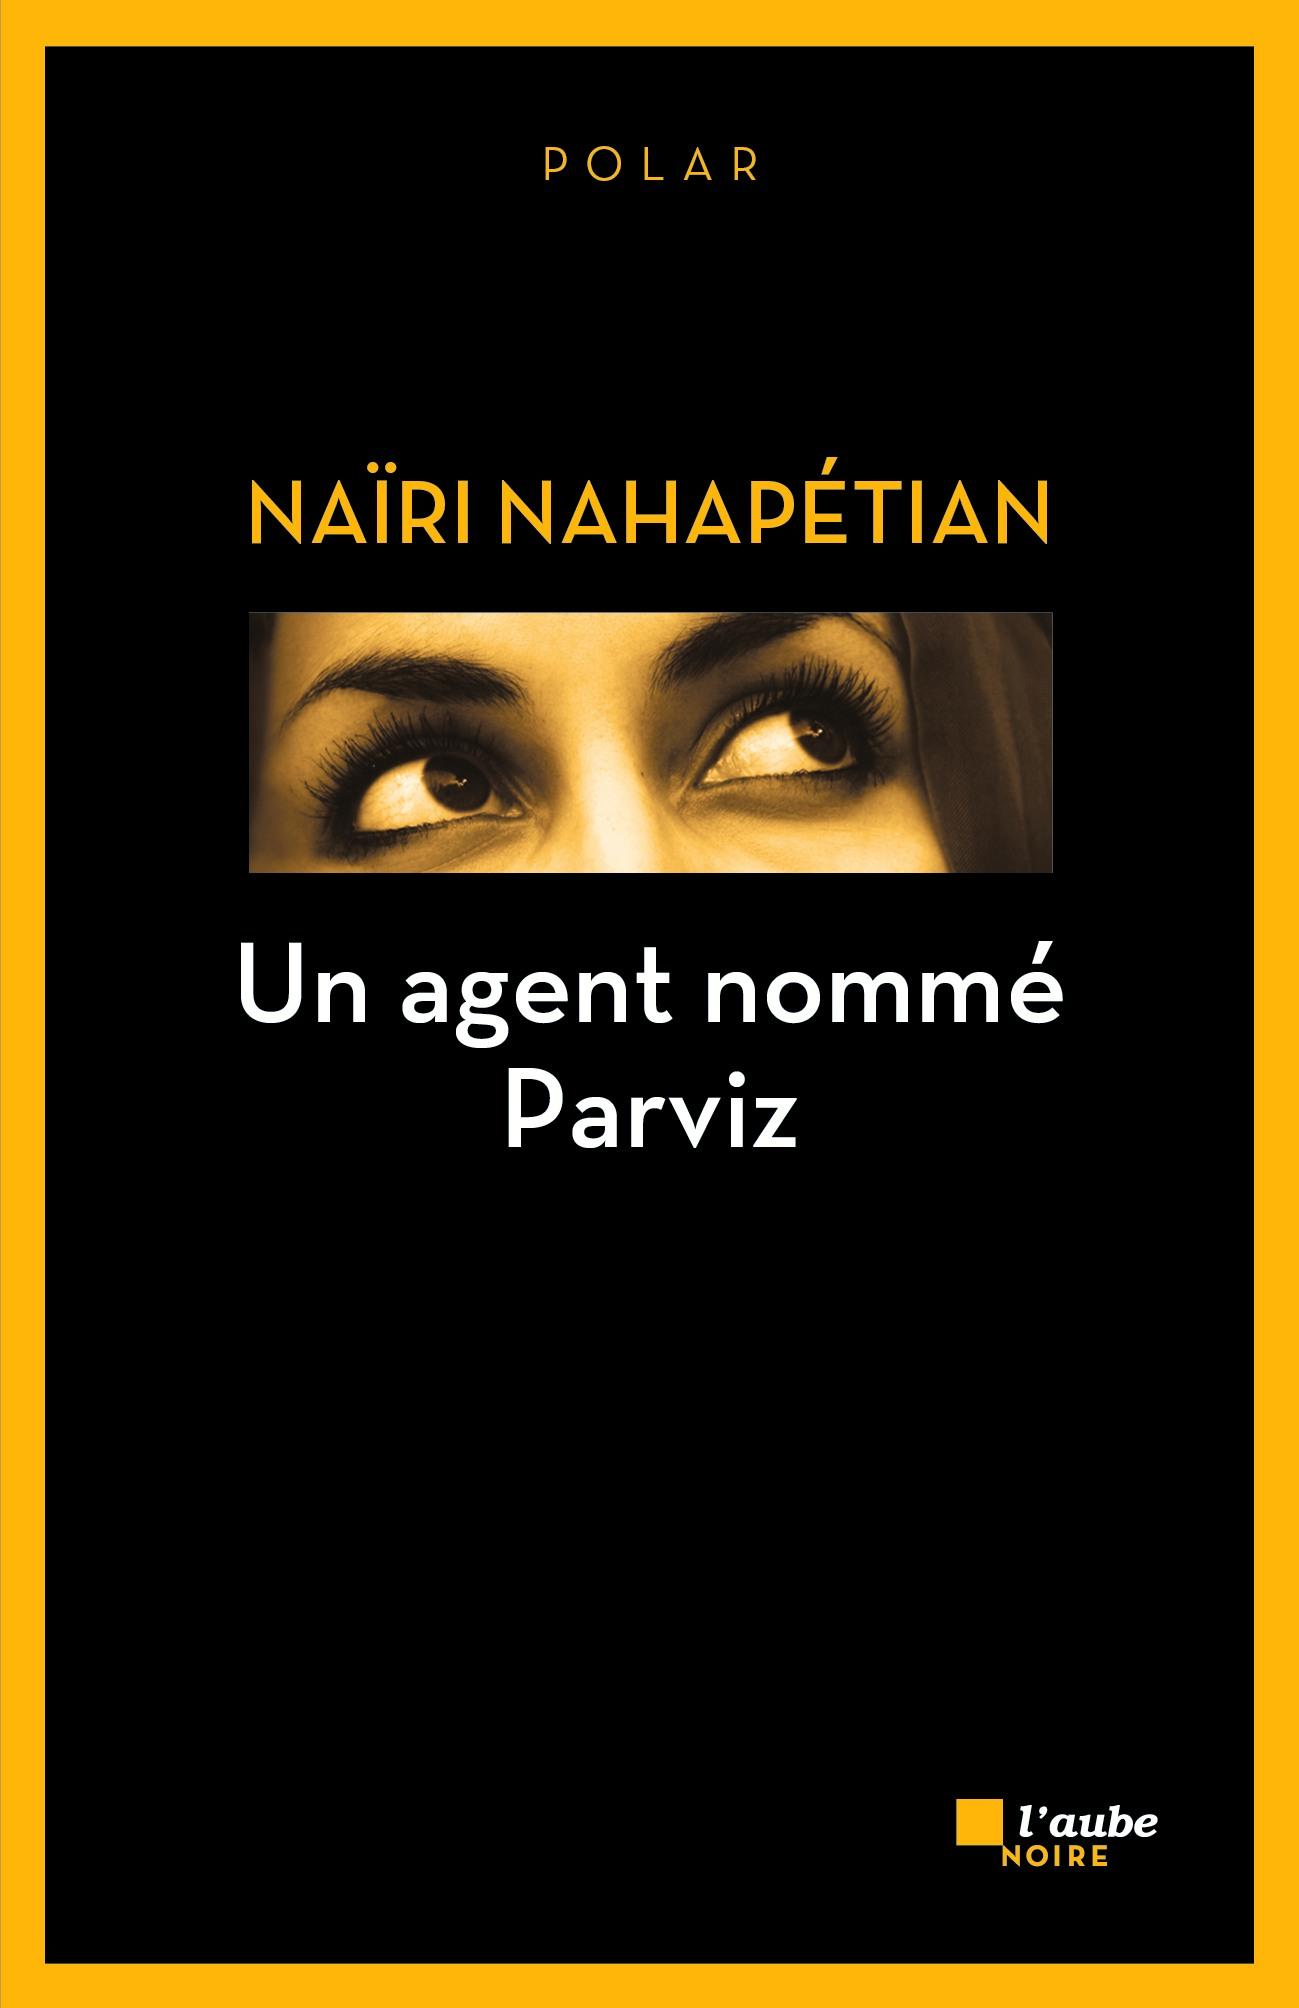 Un agent nommé Parviz